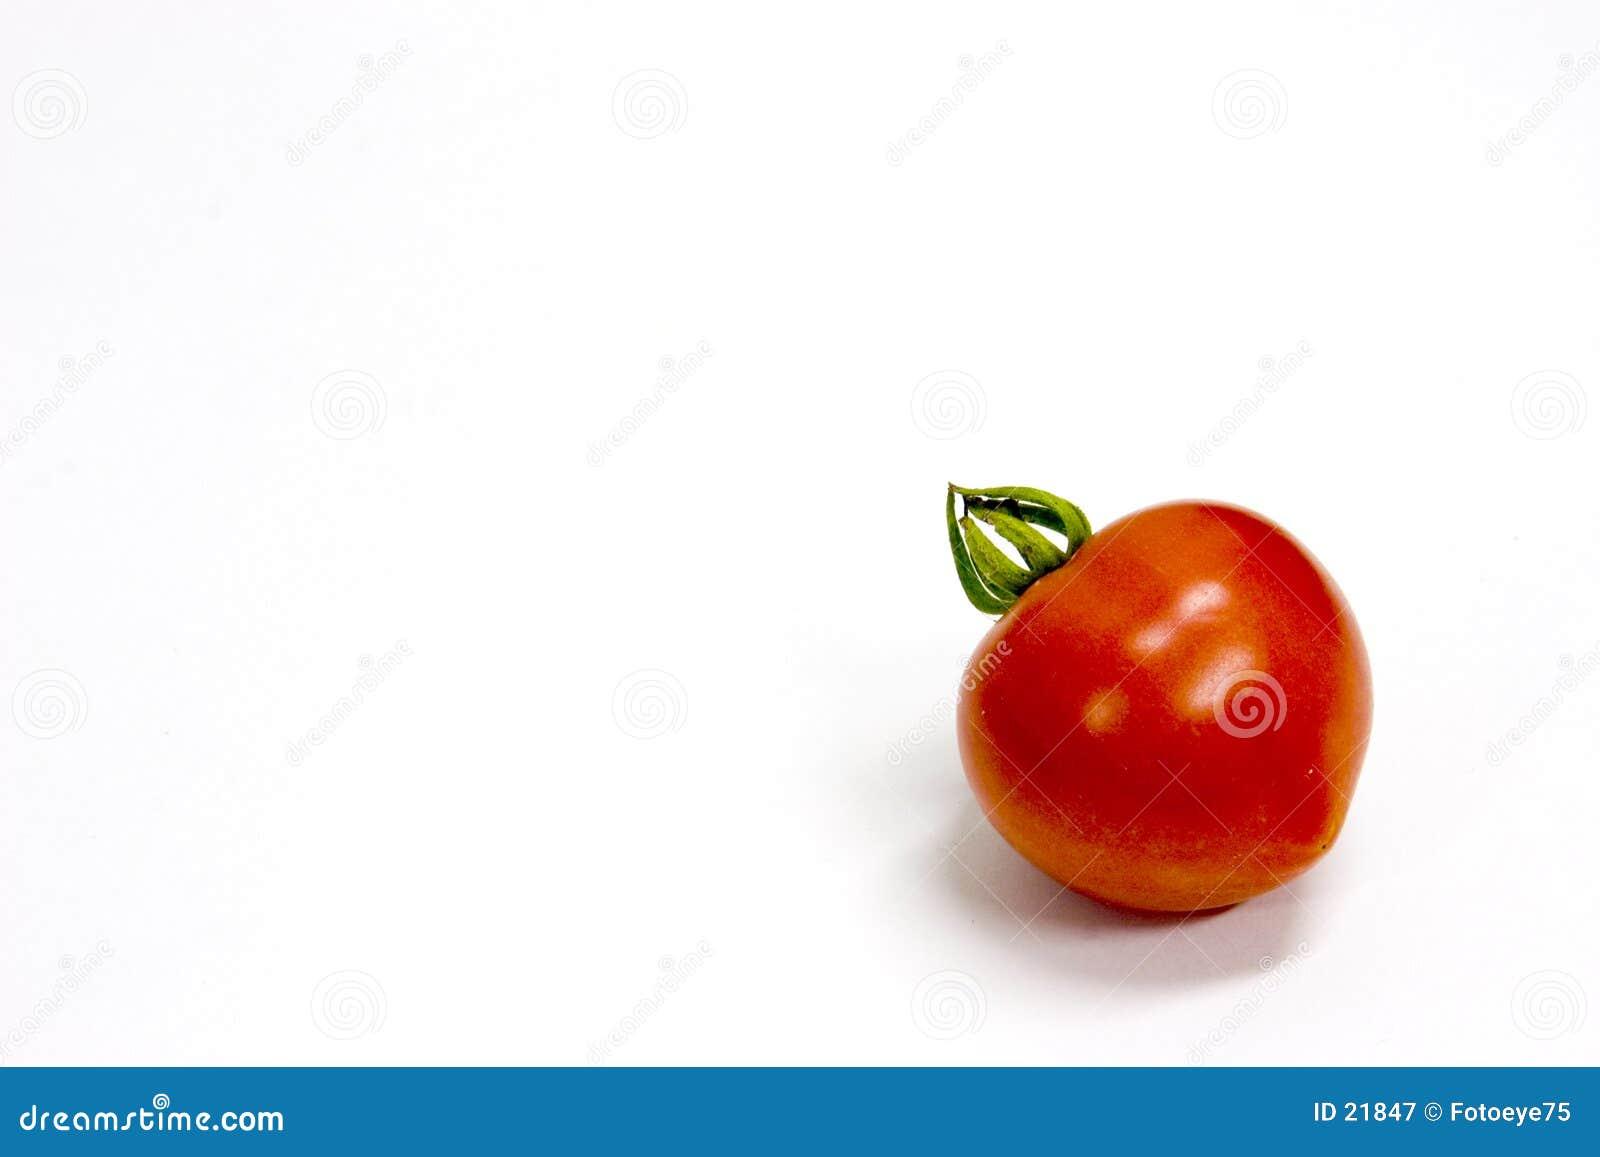 Tomatoe de la uva